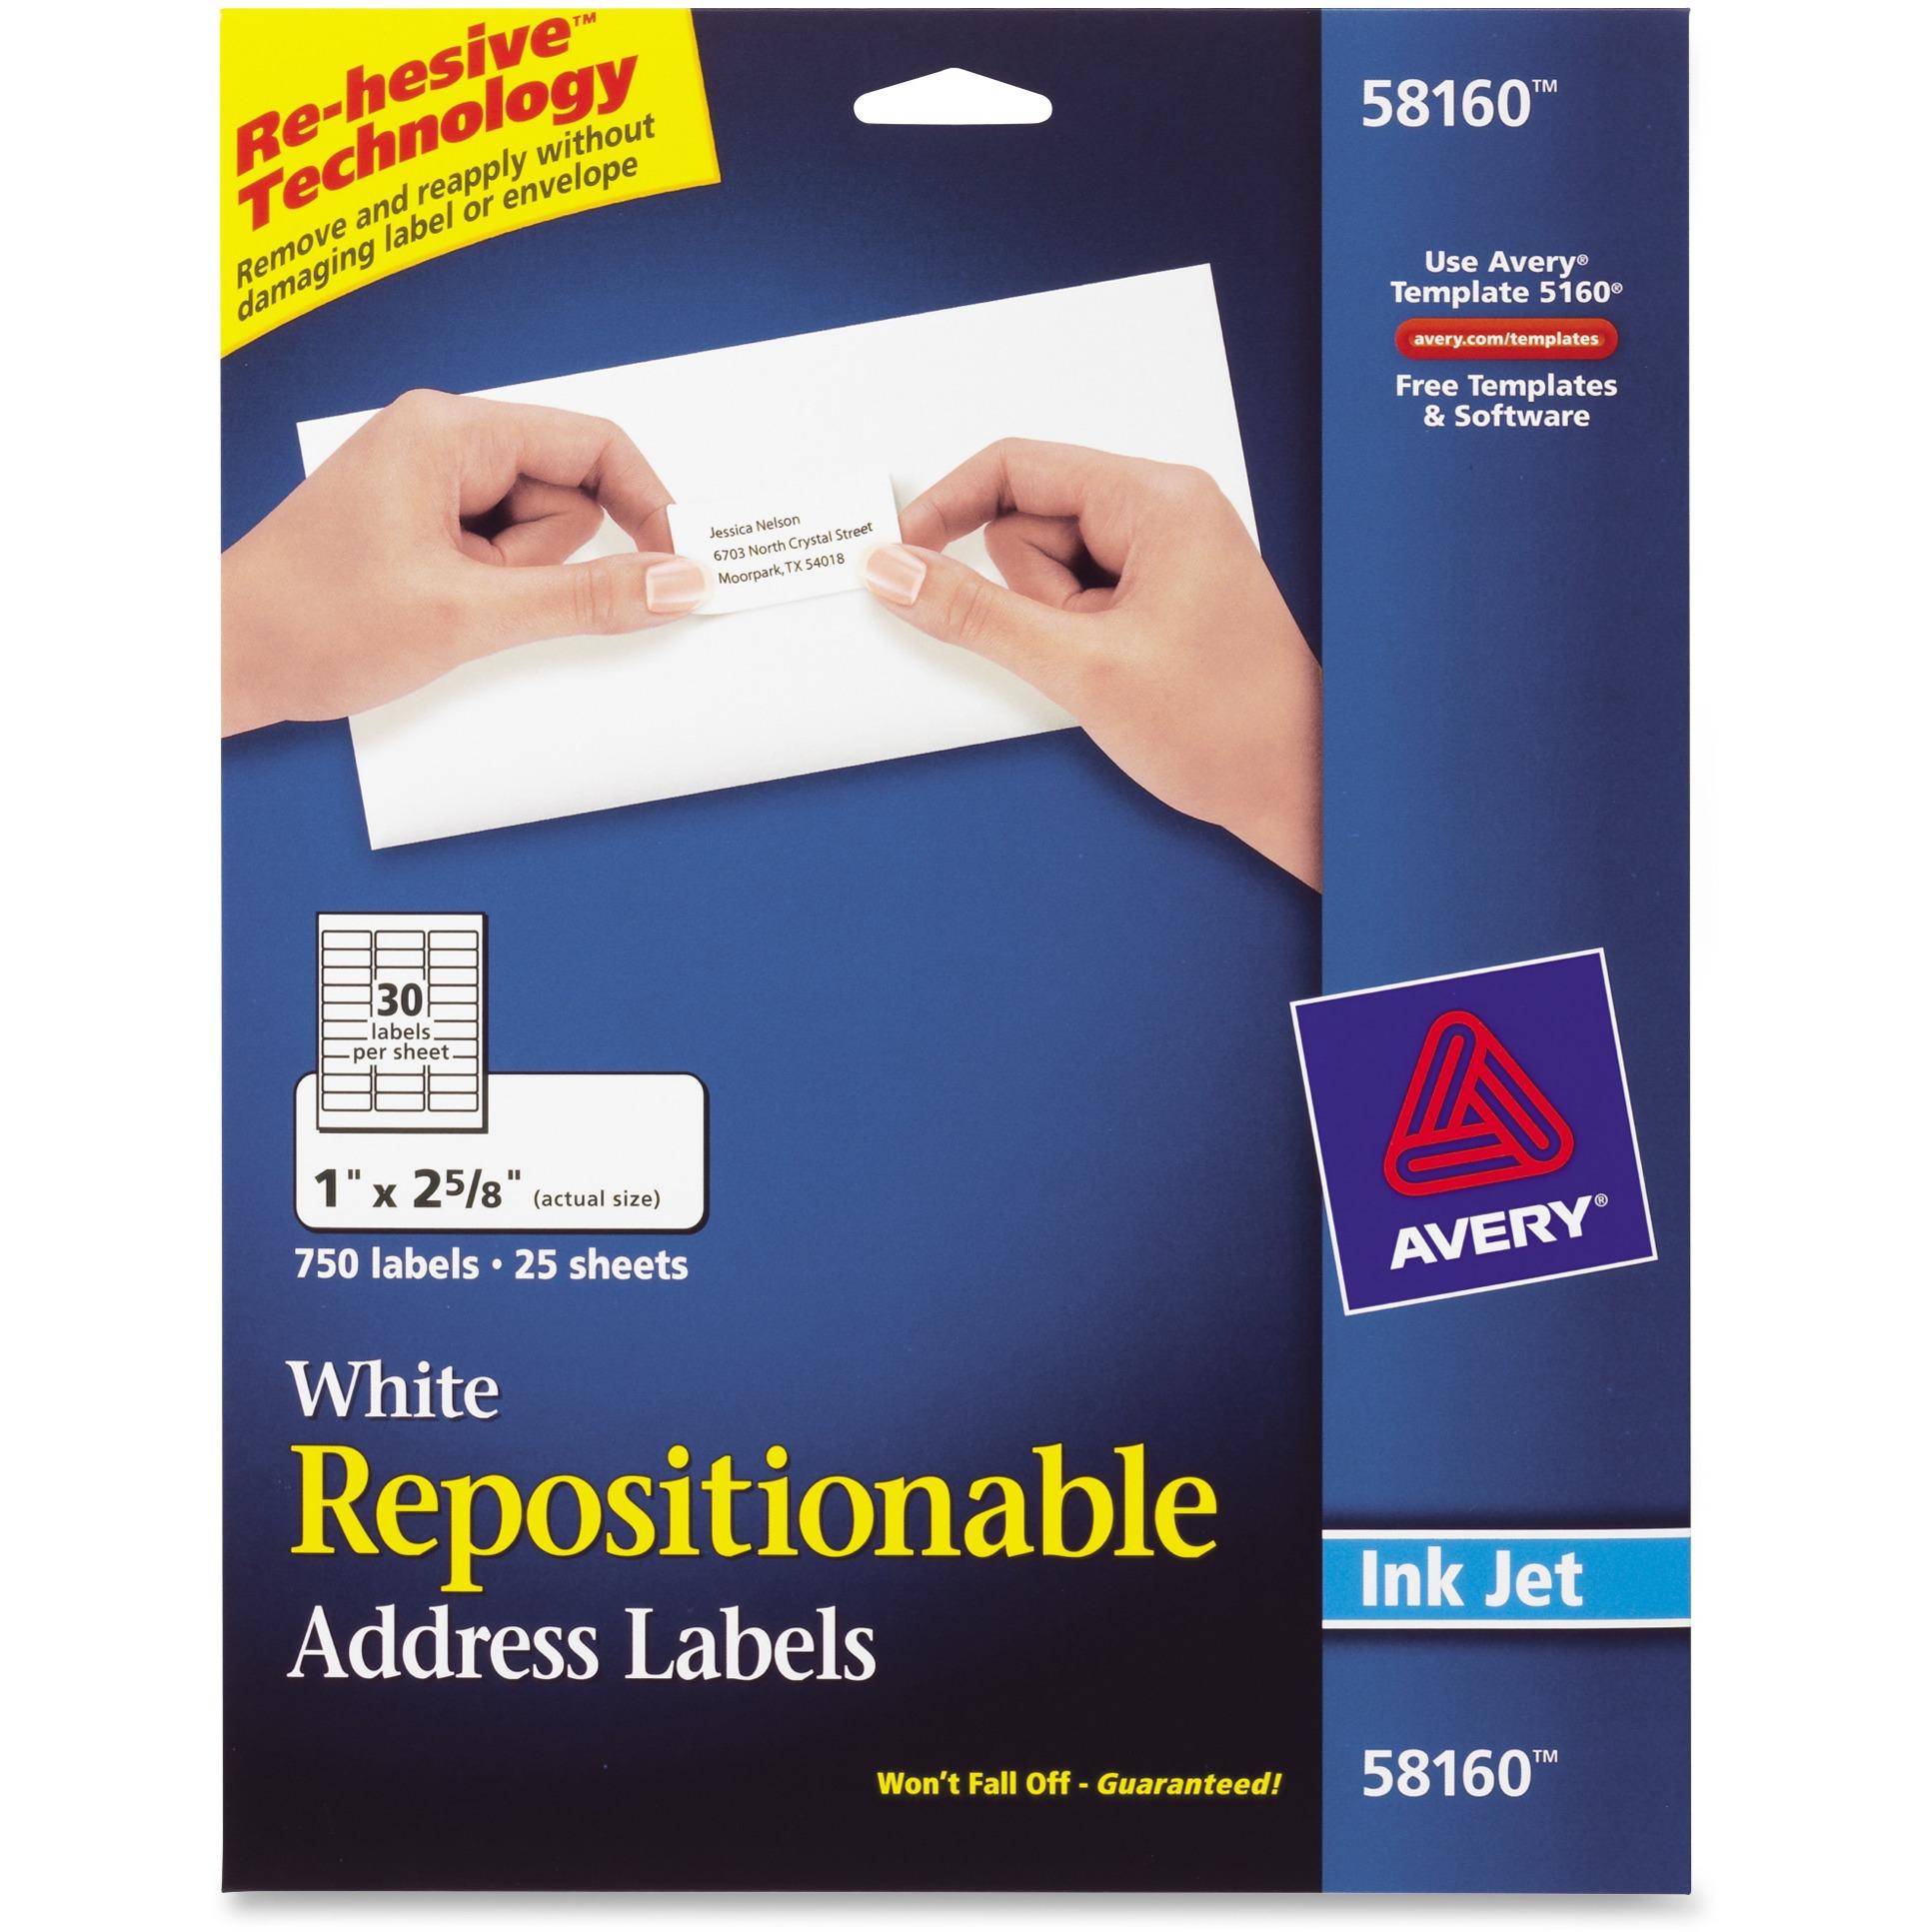 Avery Repositionable Address Labels, Inkjet/Laser, 1 x 2 5/8, White, 750/Box